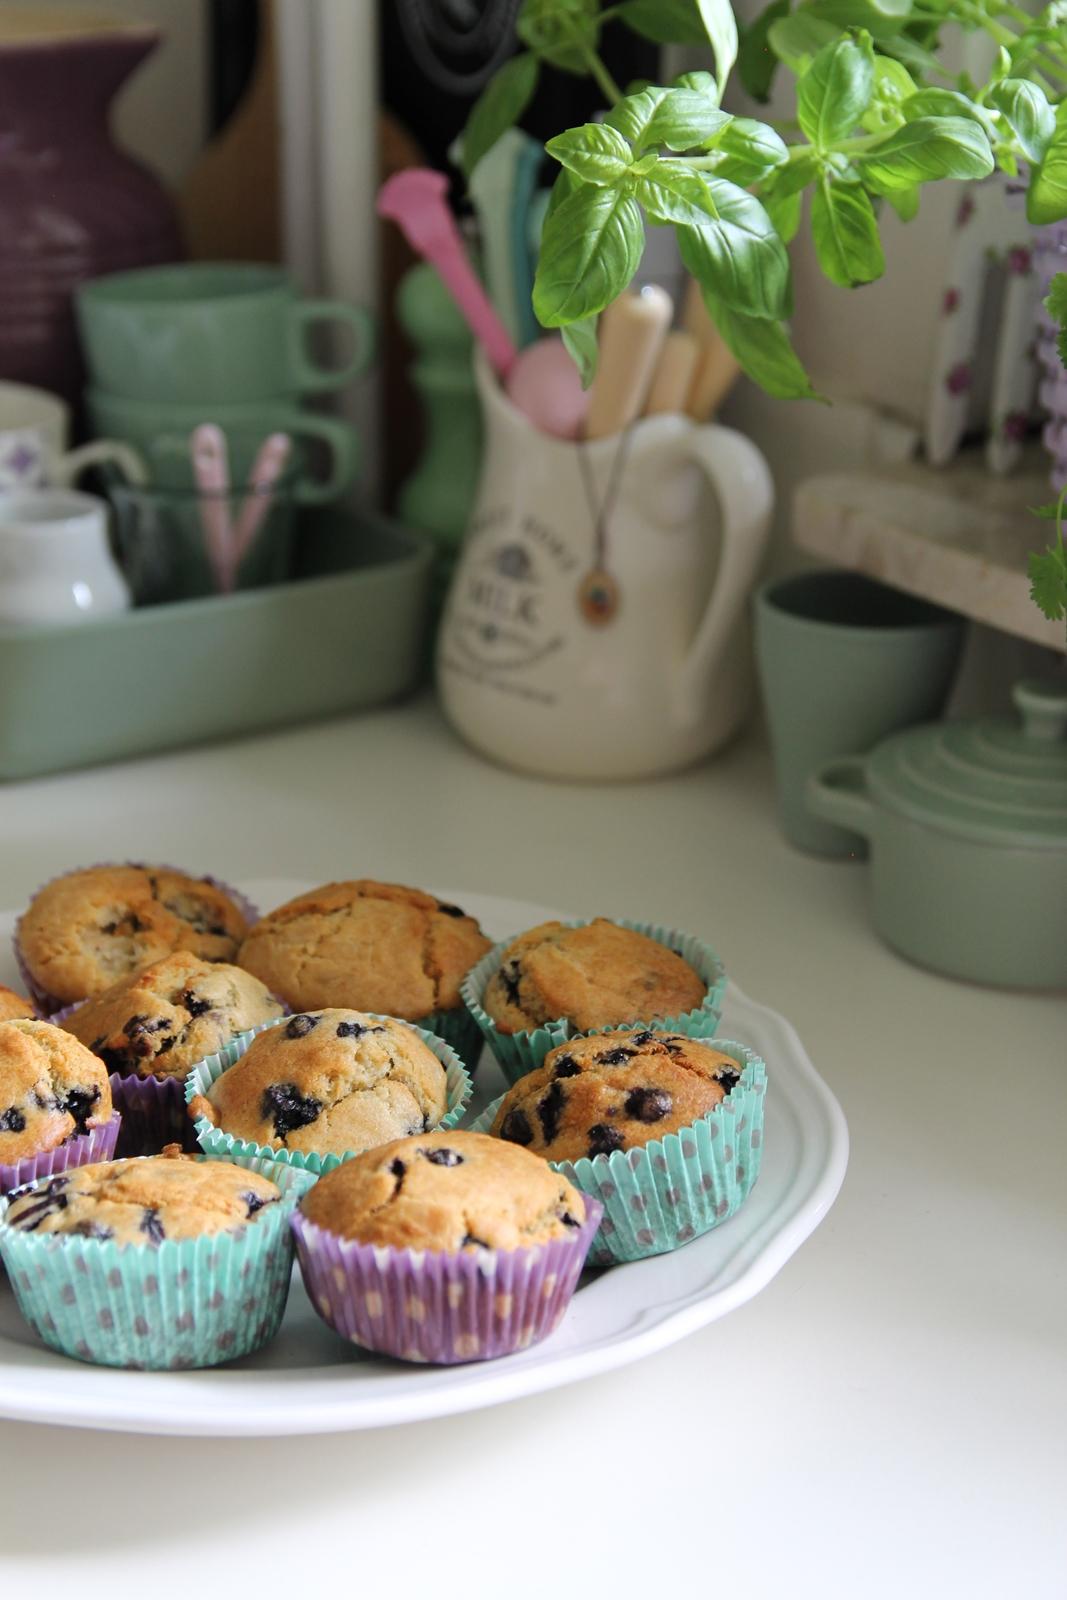 diet muffins